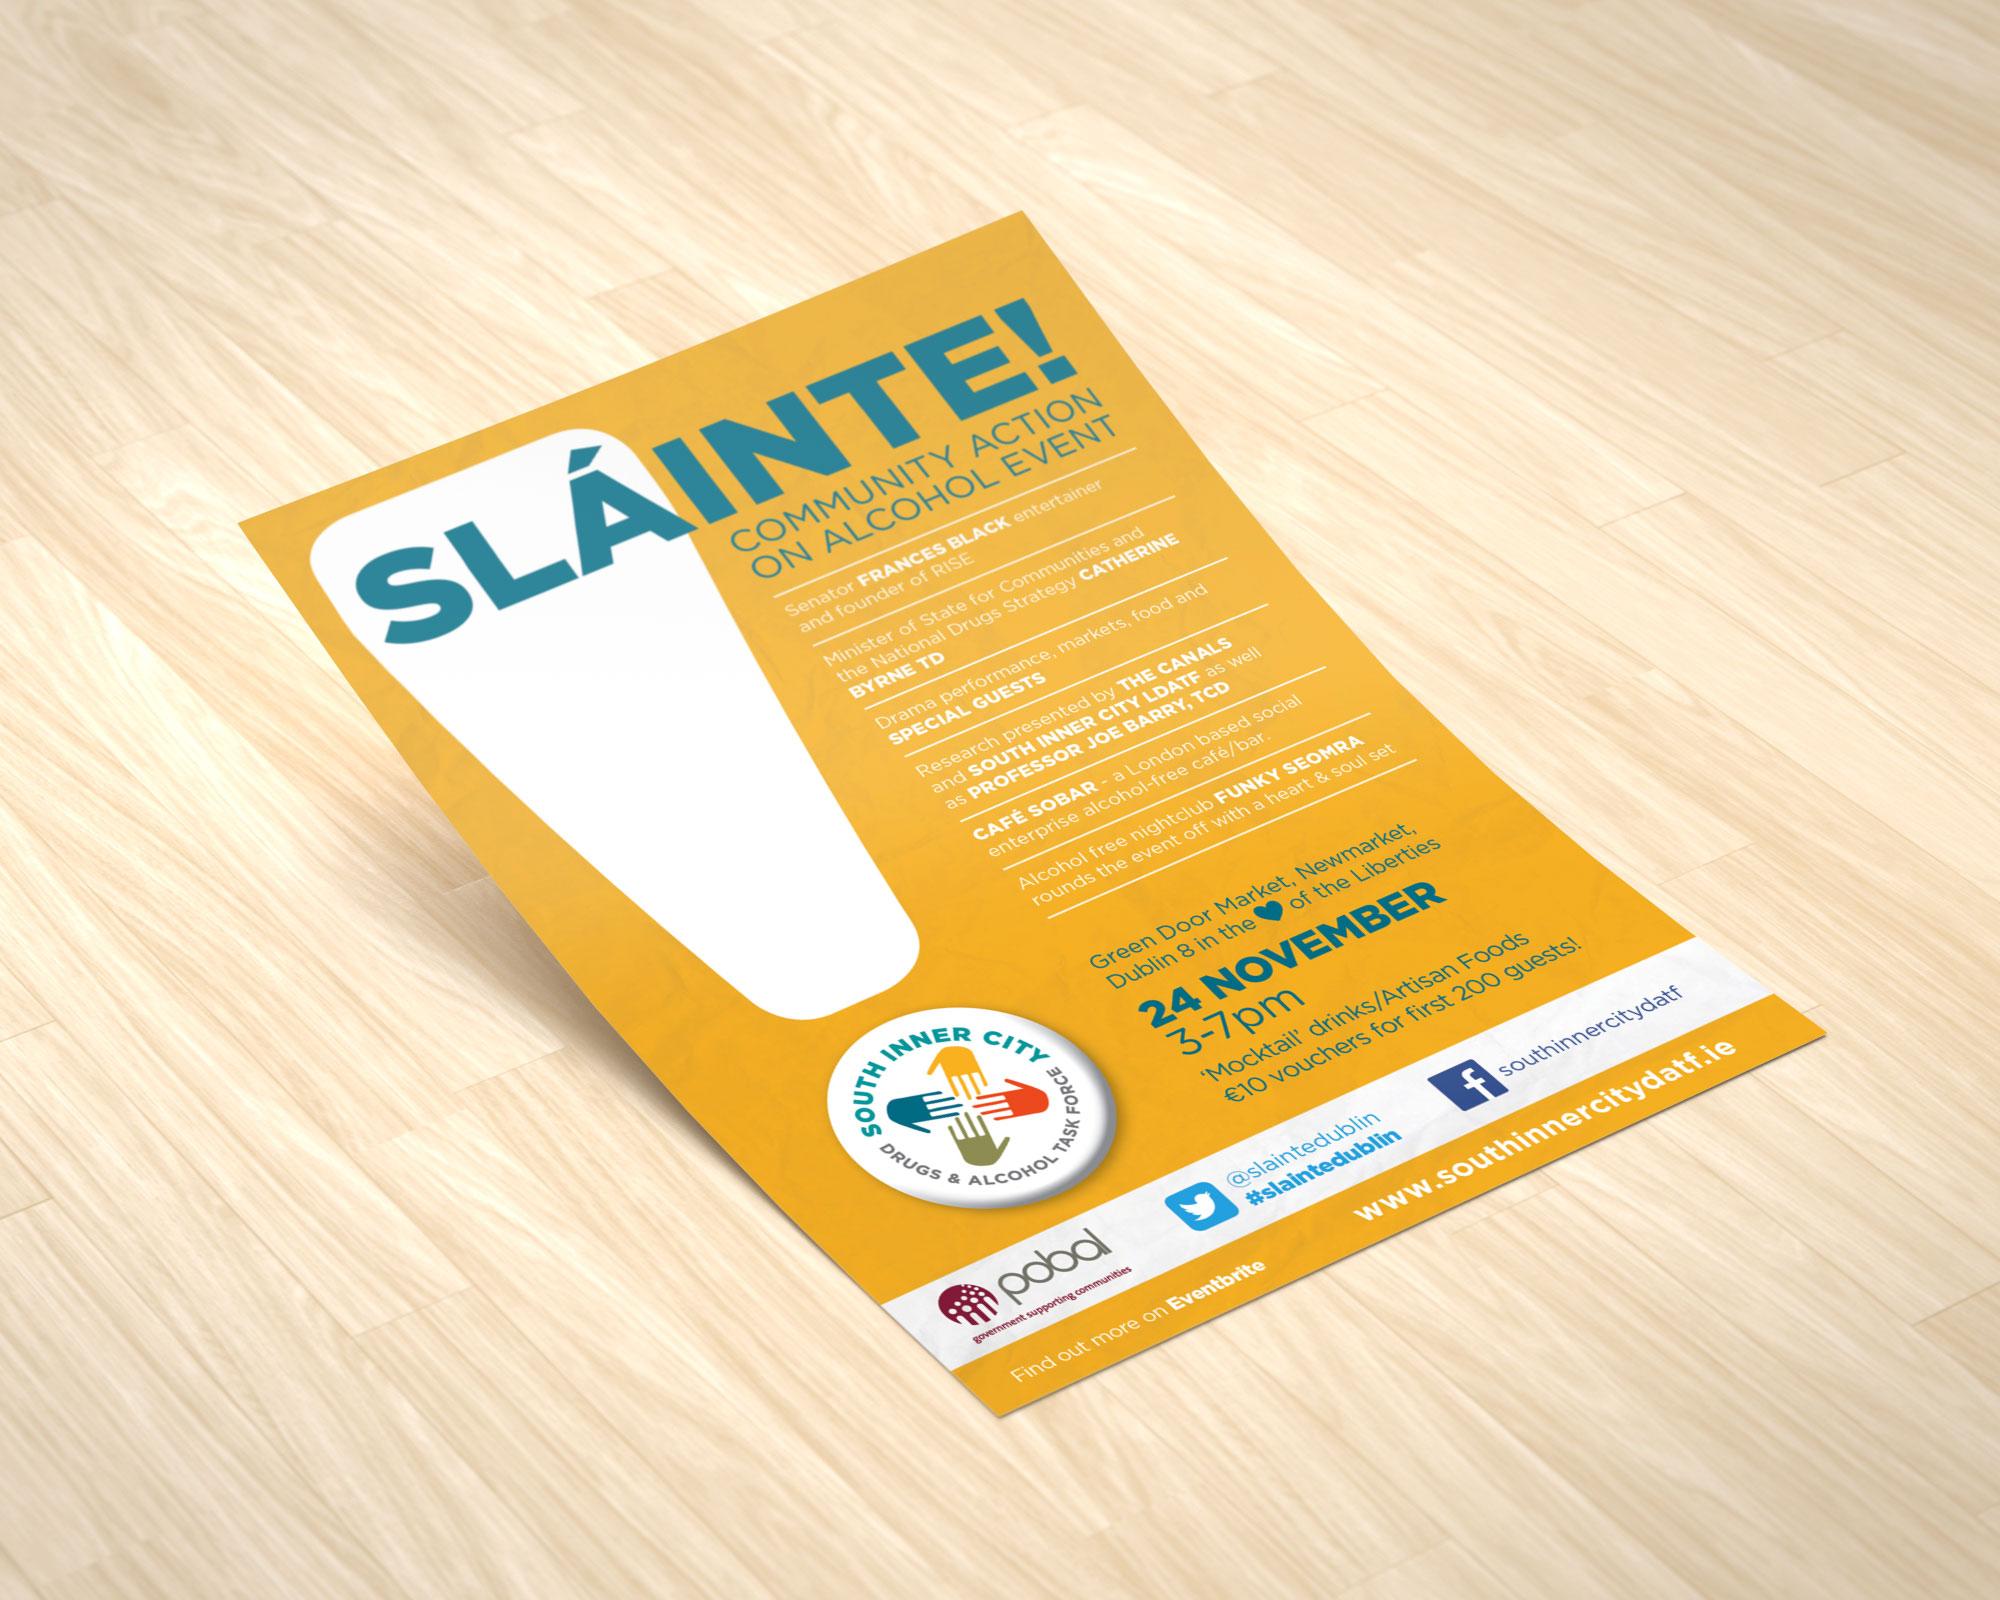 SICDTF_A5_Leaflets-2